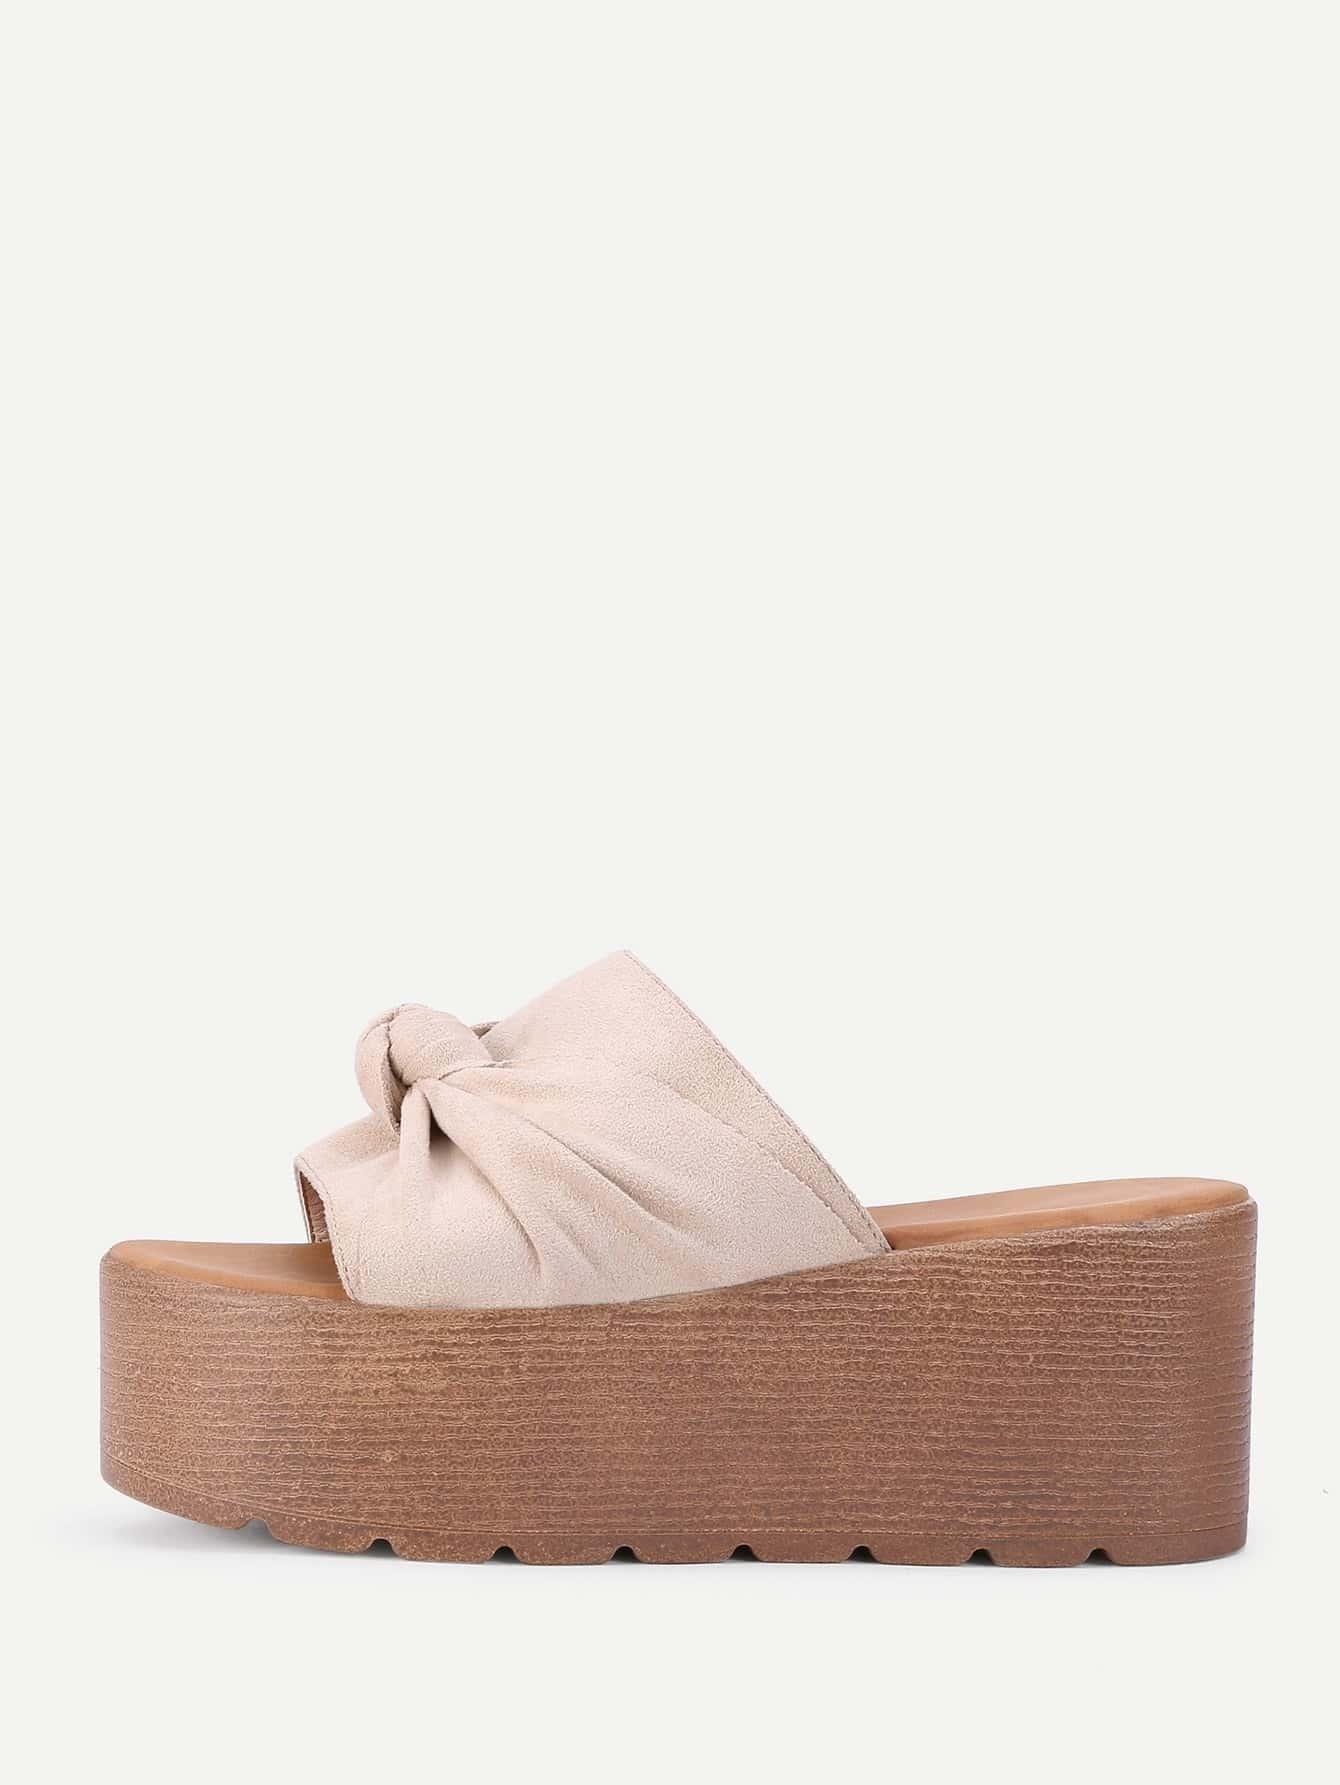 Image of Knot Design Flatform Sandals